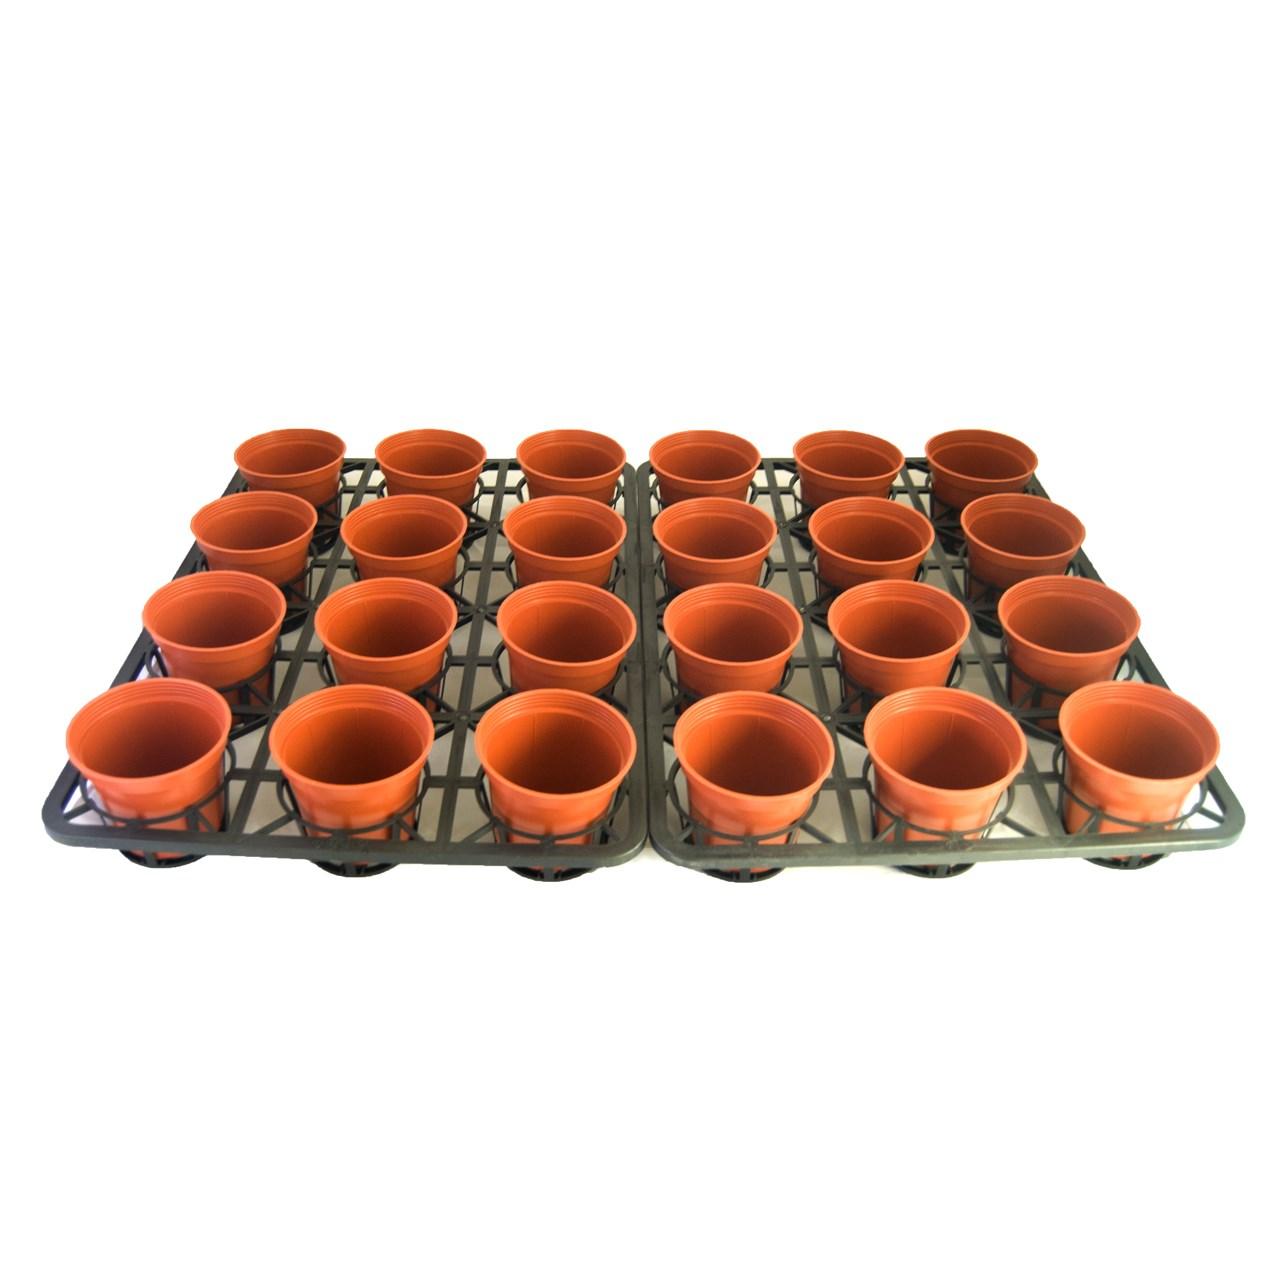 ست گلدان جی تی تی  مجموعه 24 عددی